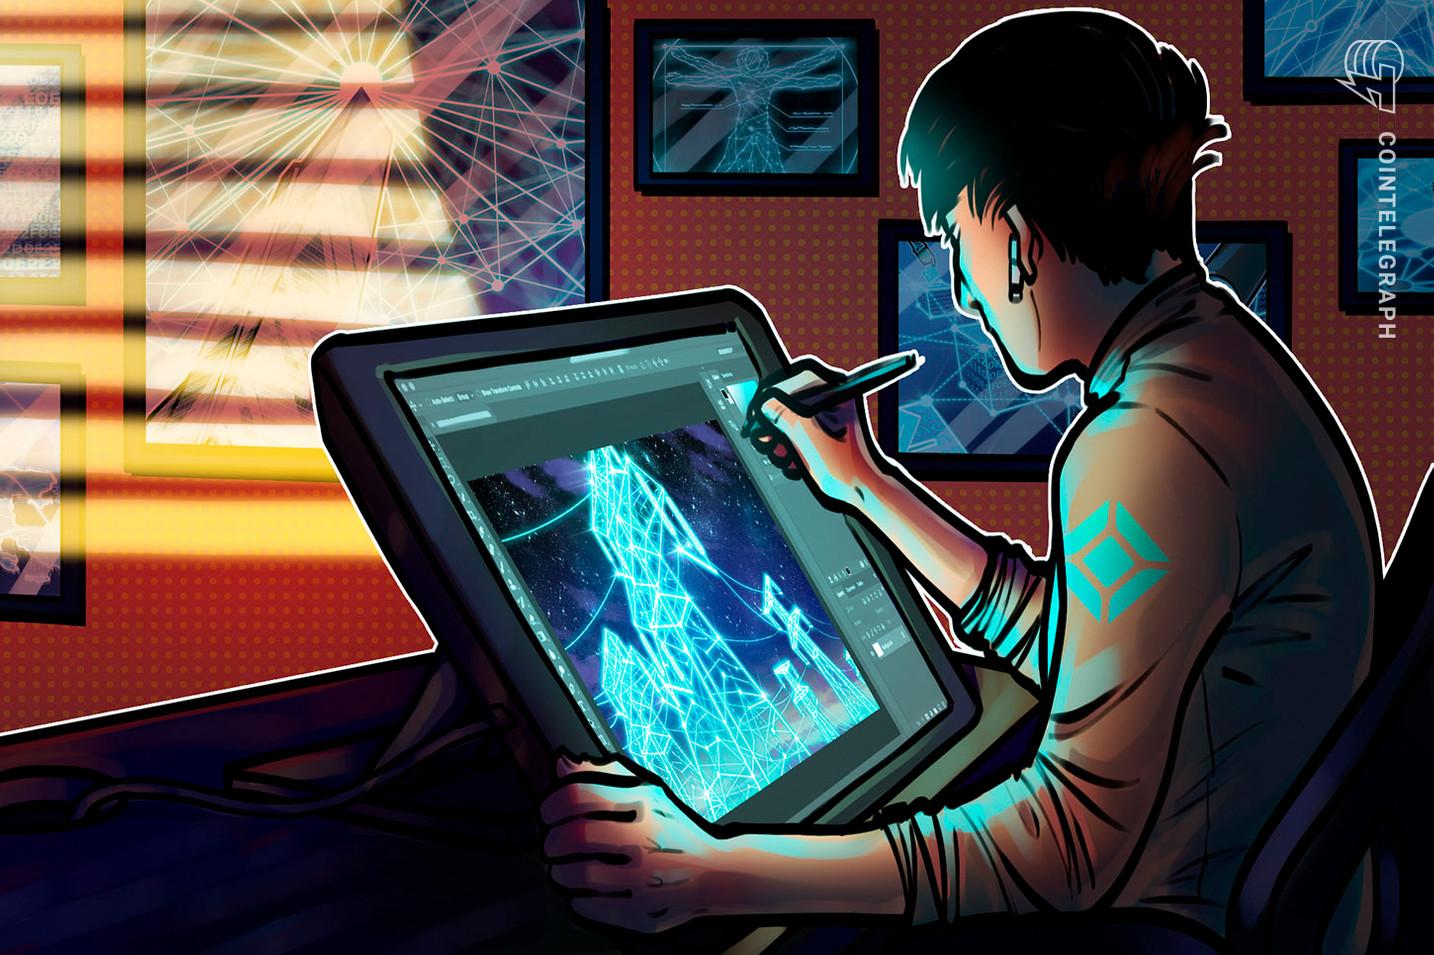 「デジタルアイテムのメルカリに」:仮想通貨取引所コインチェック、NFTマーケットプレイスを来週開始